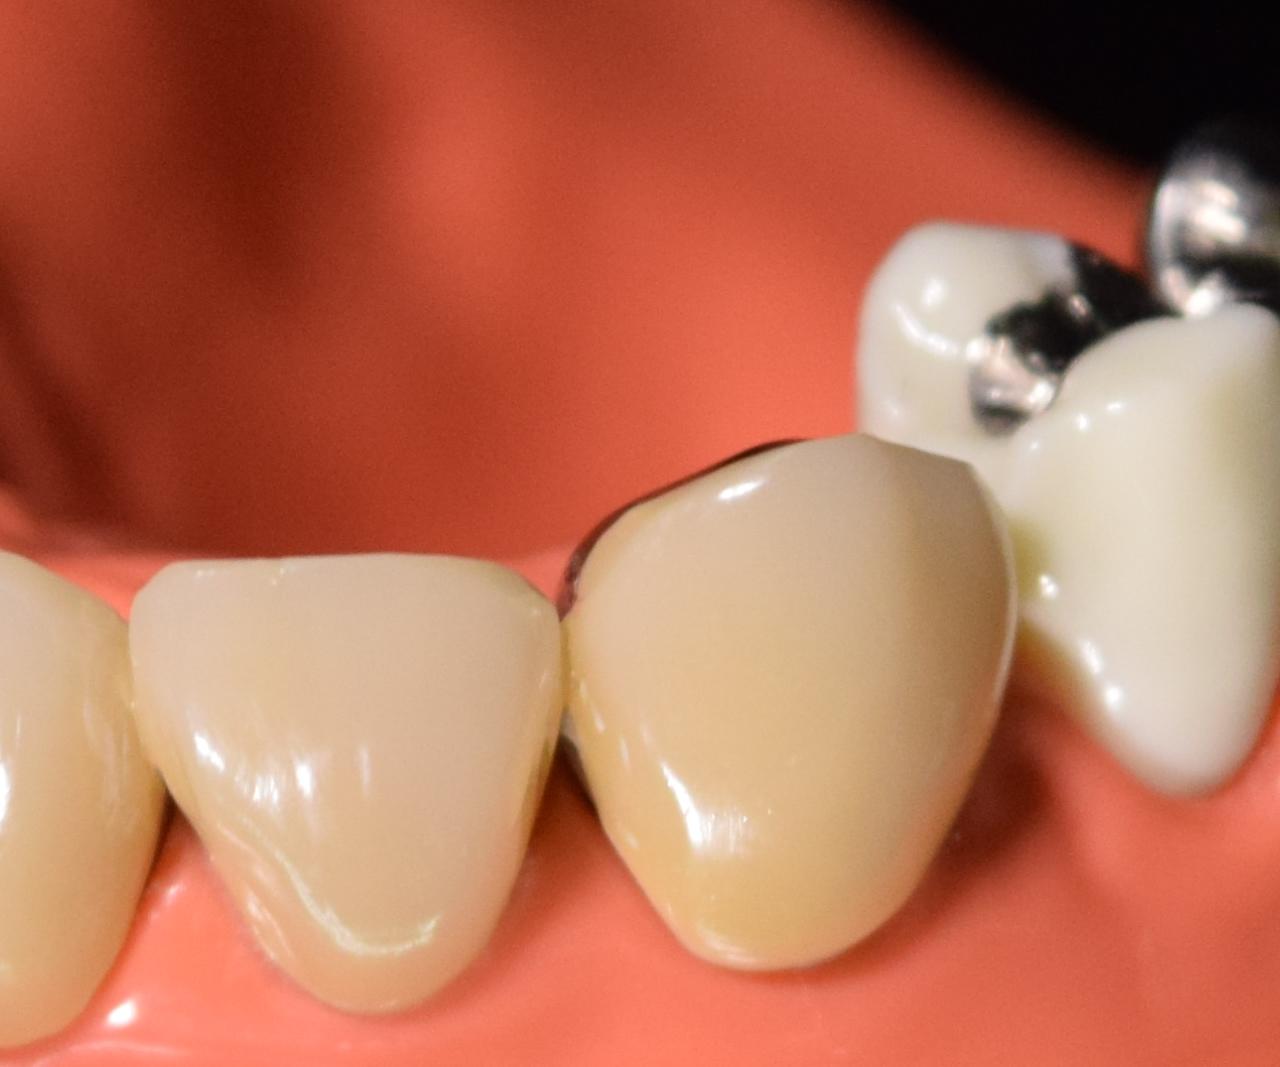 歯の治療に使用する材料について